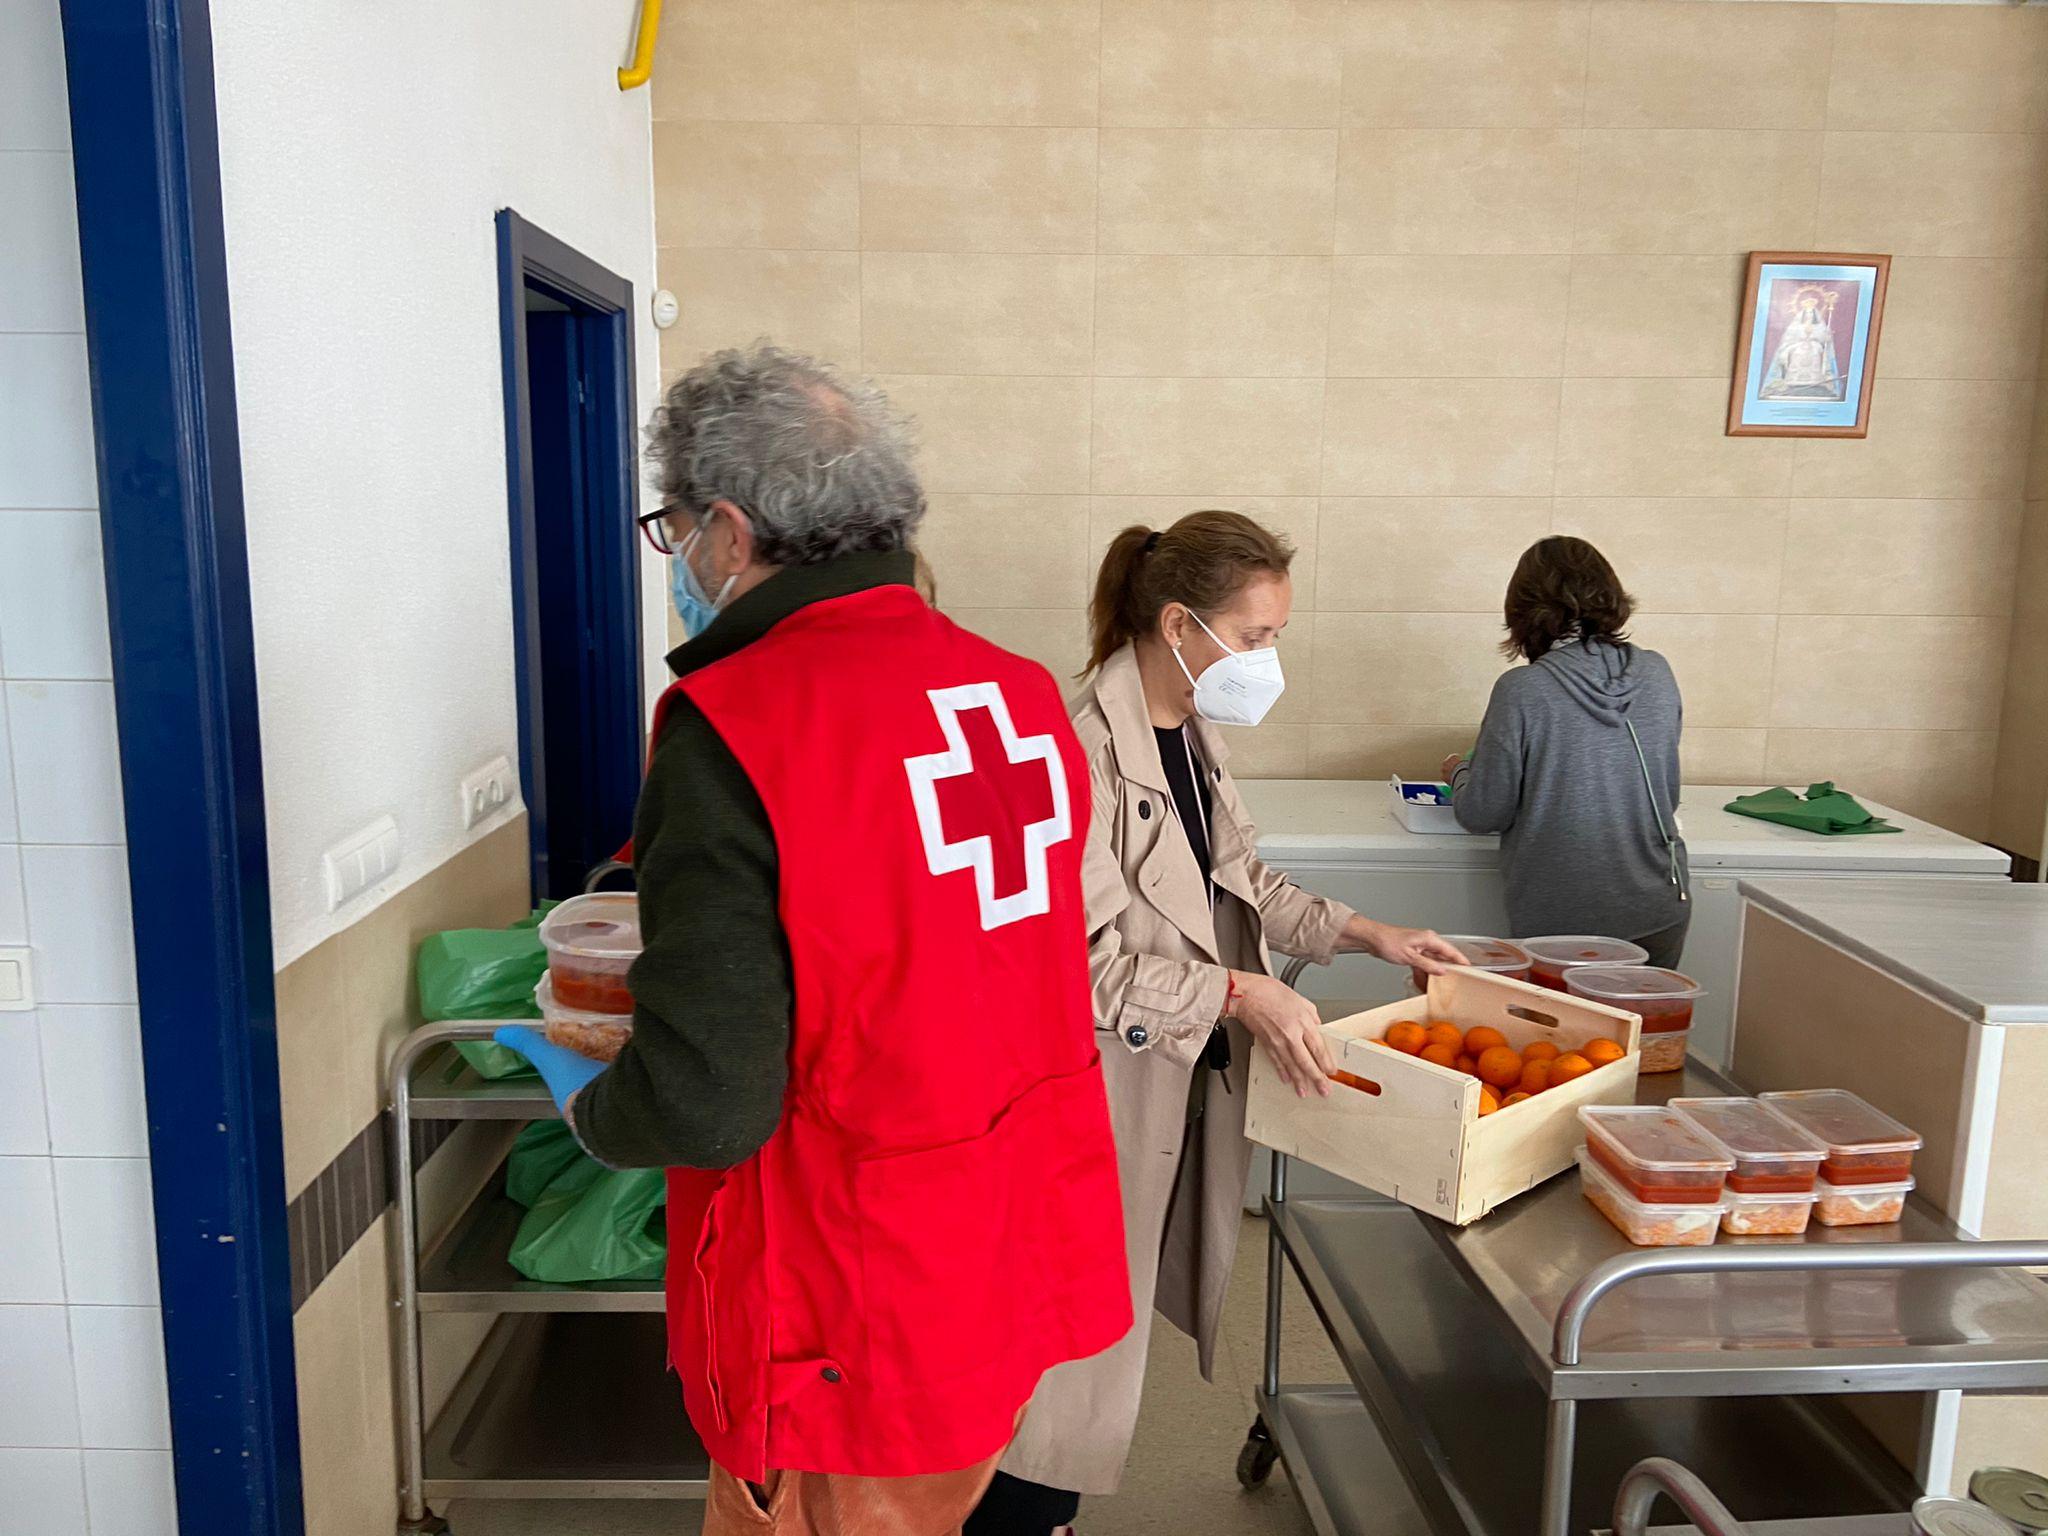 Cruz Roja  distribuye los menús en el comedor El Pan Nuestro